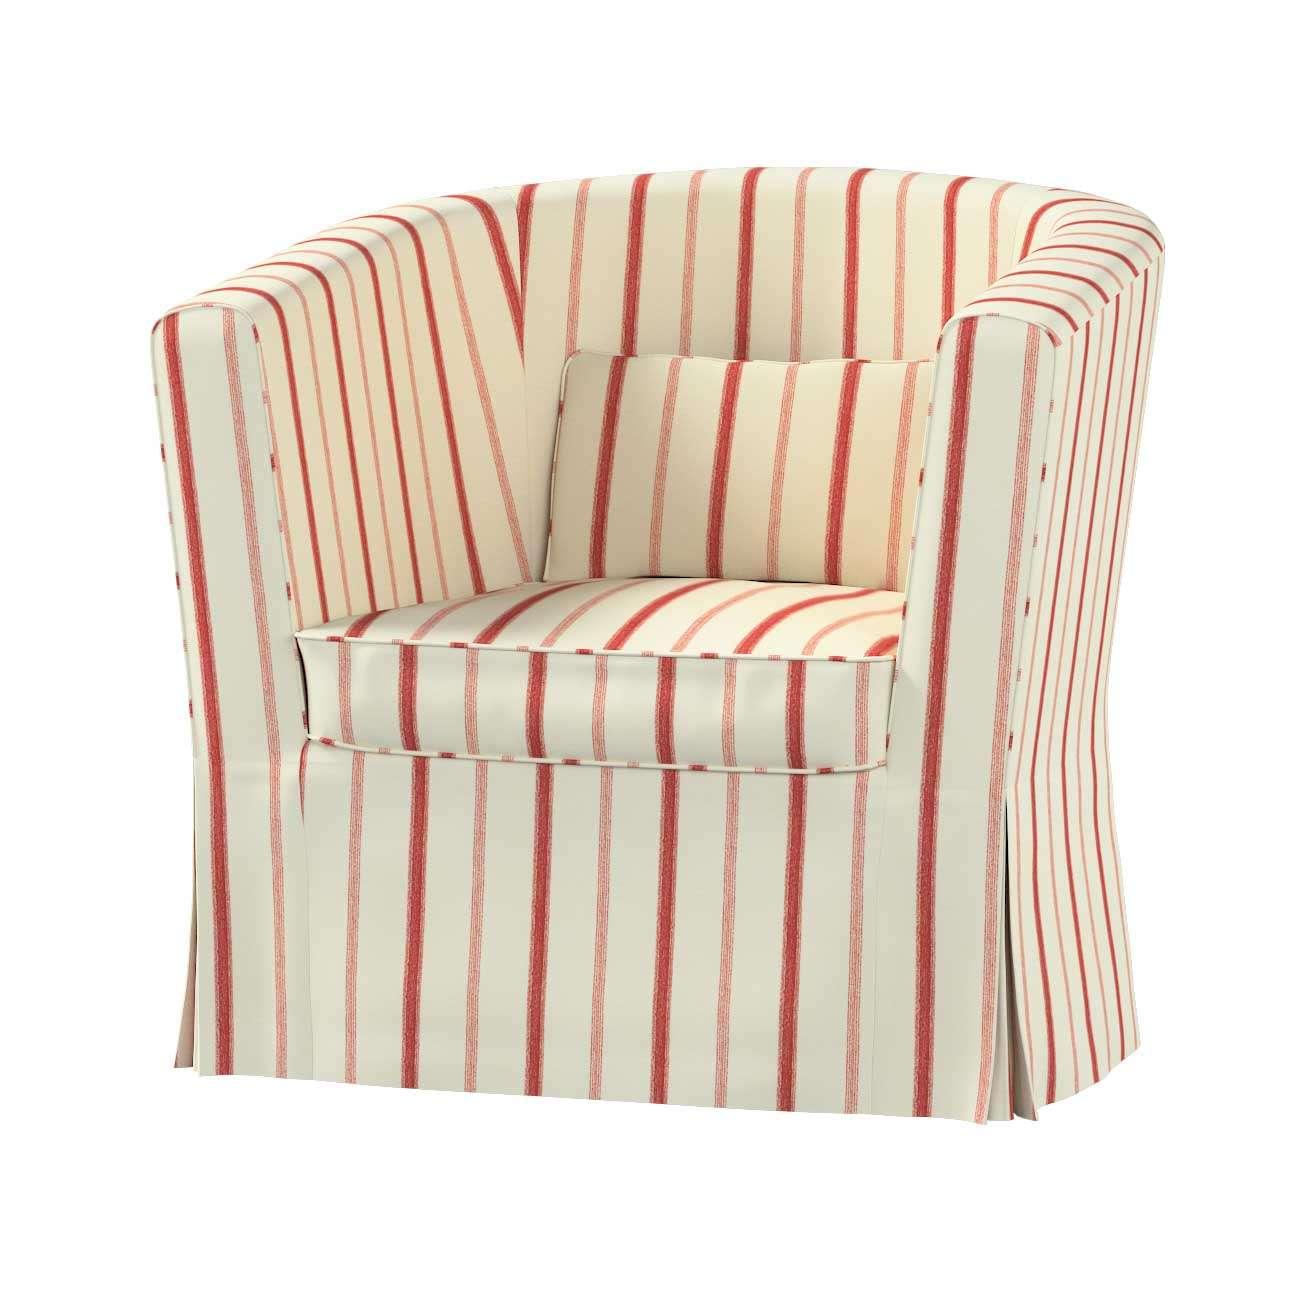 Pokrowiec na fotel Ektorp Tullsta w kolekcji Avinon, tkanina: 129-15